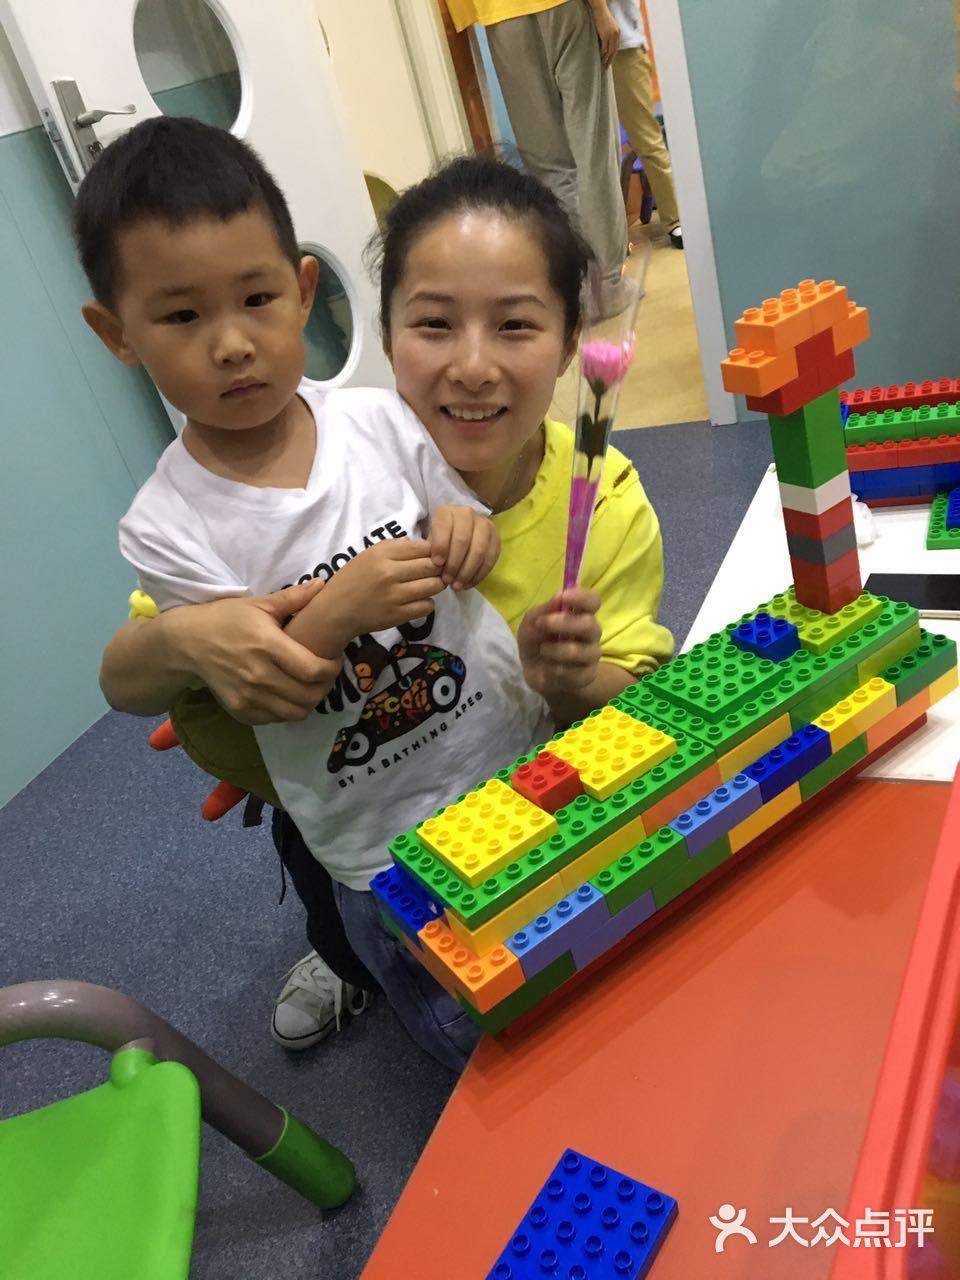 60分钟 中心面积: 200 课程介绍: 学习duplo积木和管道积木的搭建